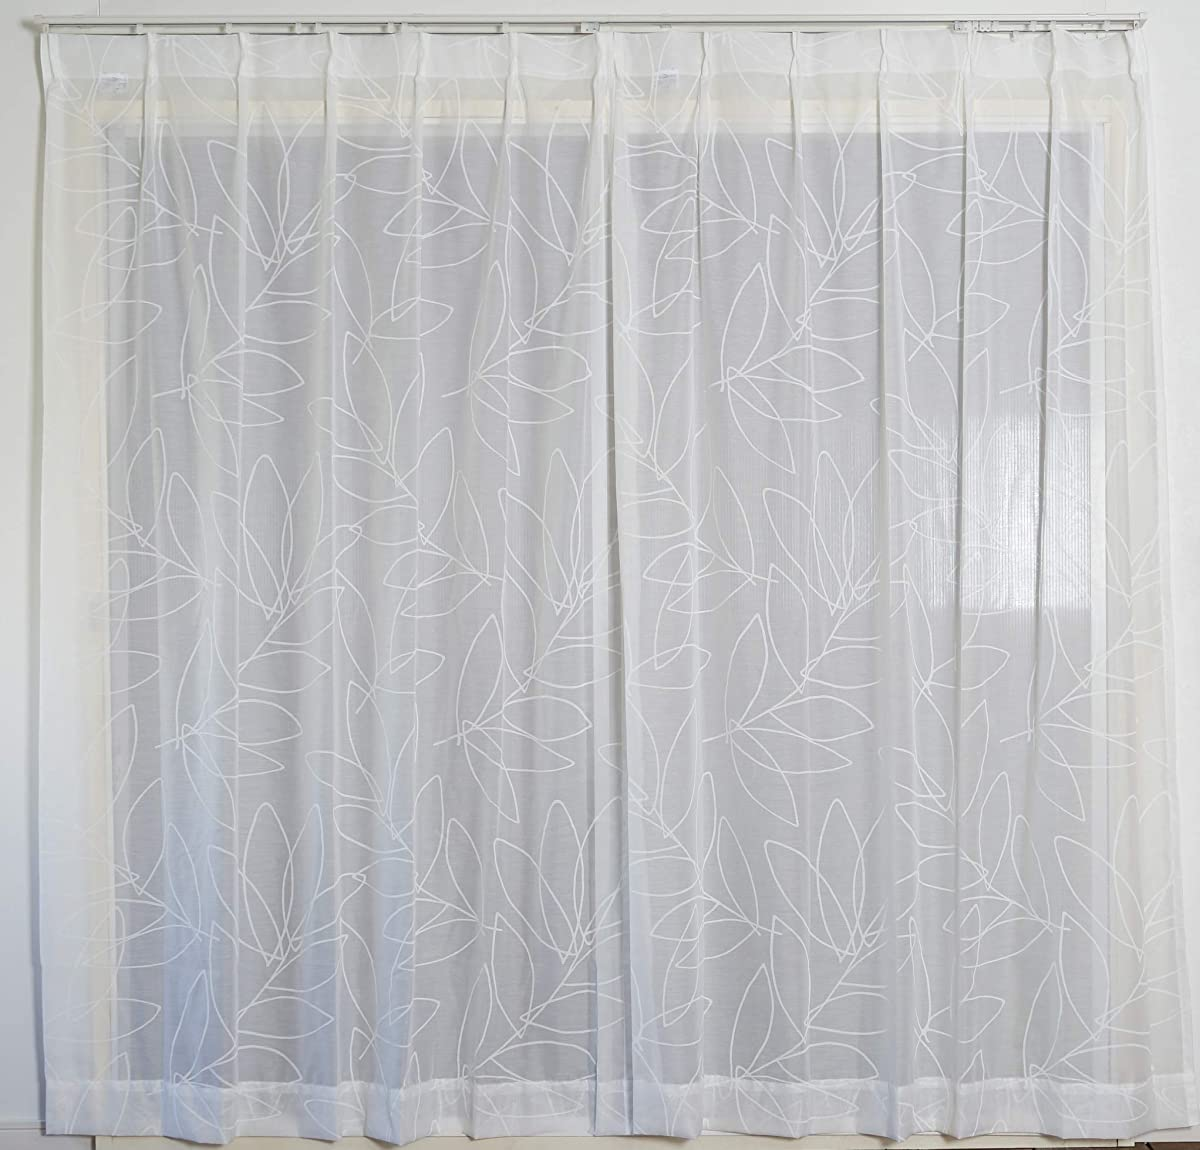 毛細血管パットブラザースミノエ(Suminoe) レースカーテン ホワイト 幅190cm ×丈133cm リーニャボイル 洗える オーダーレース V1315